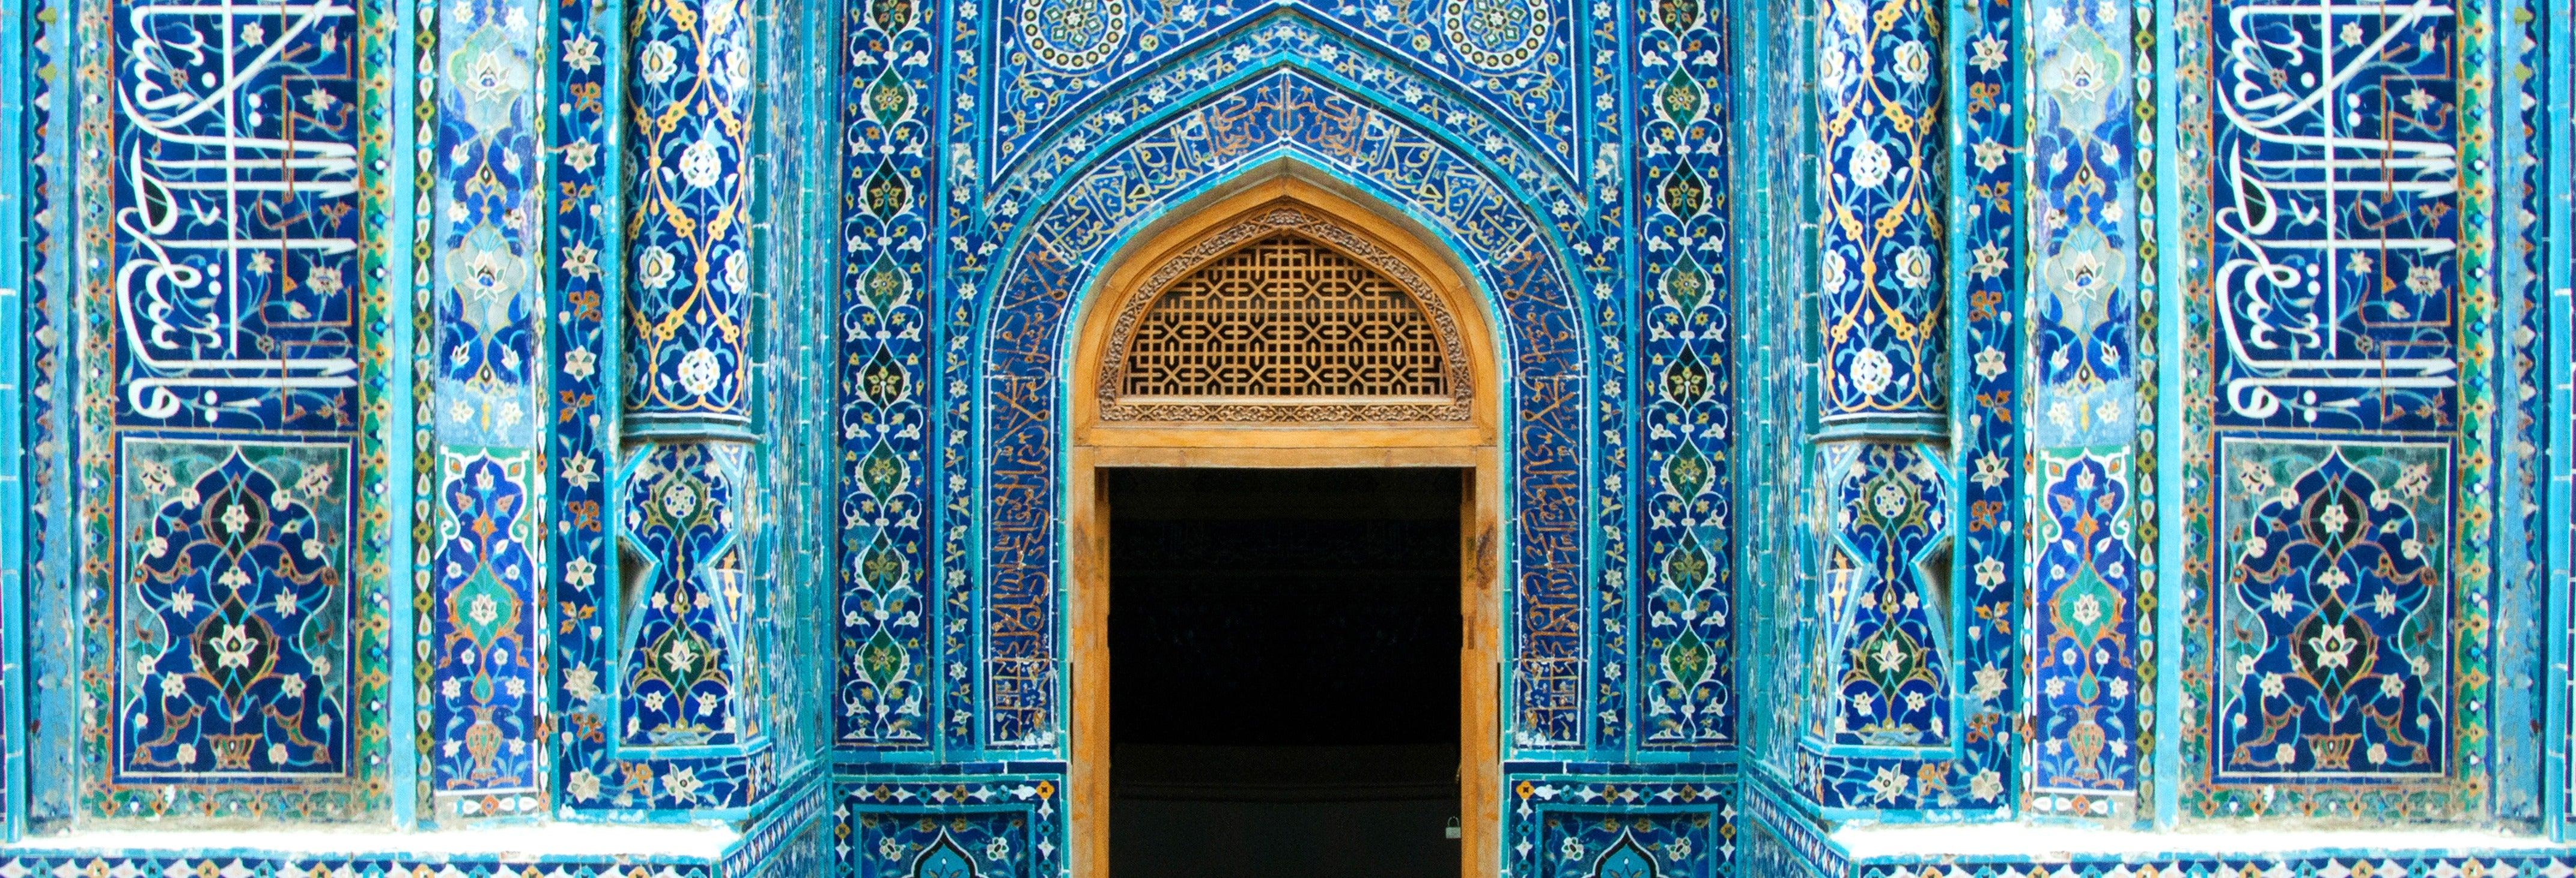 Samarkand Panoramic Tour